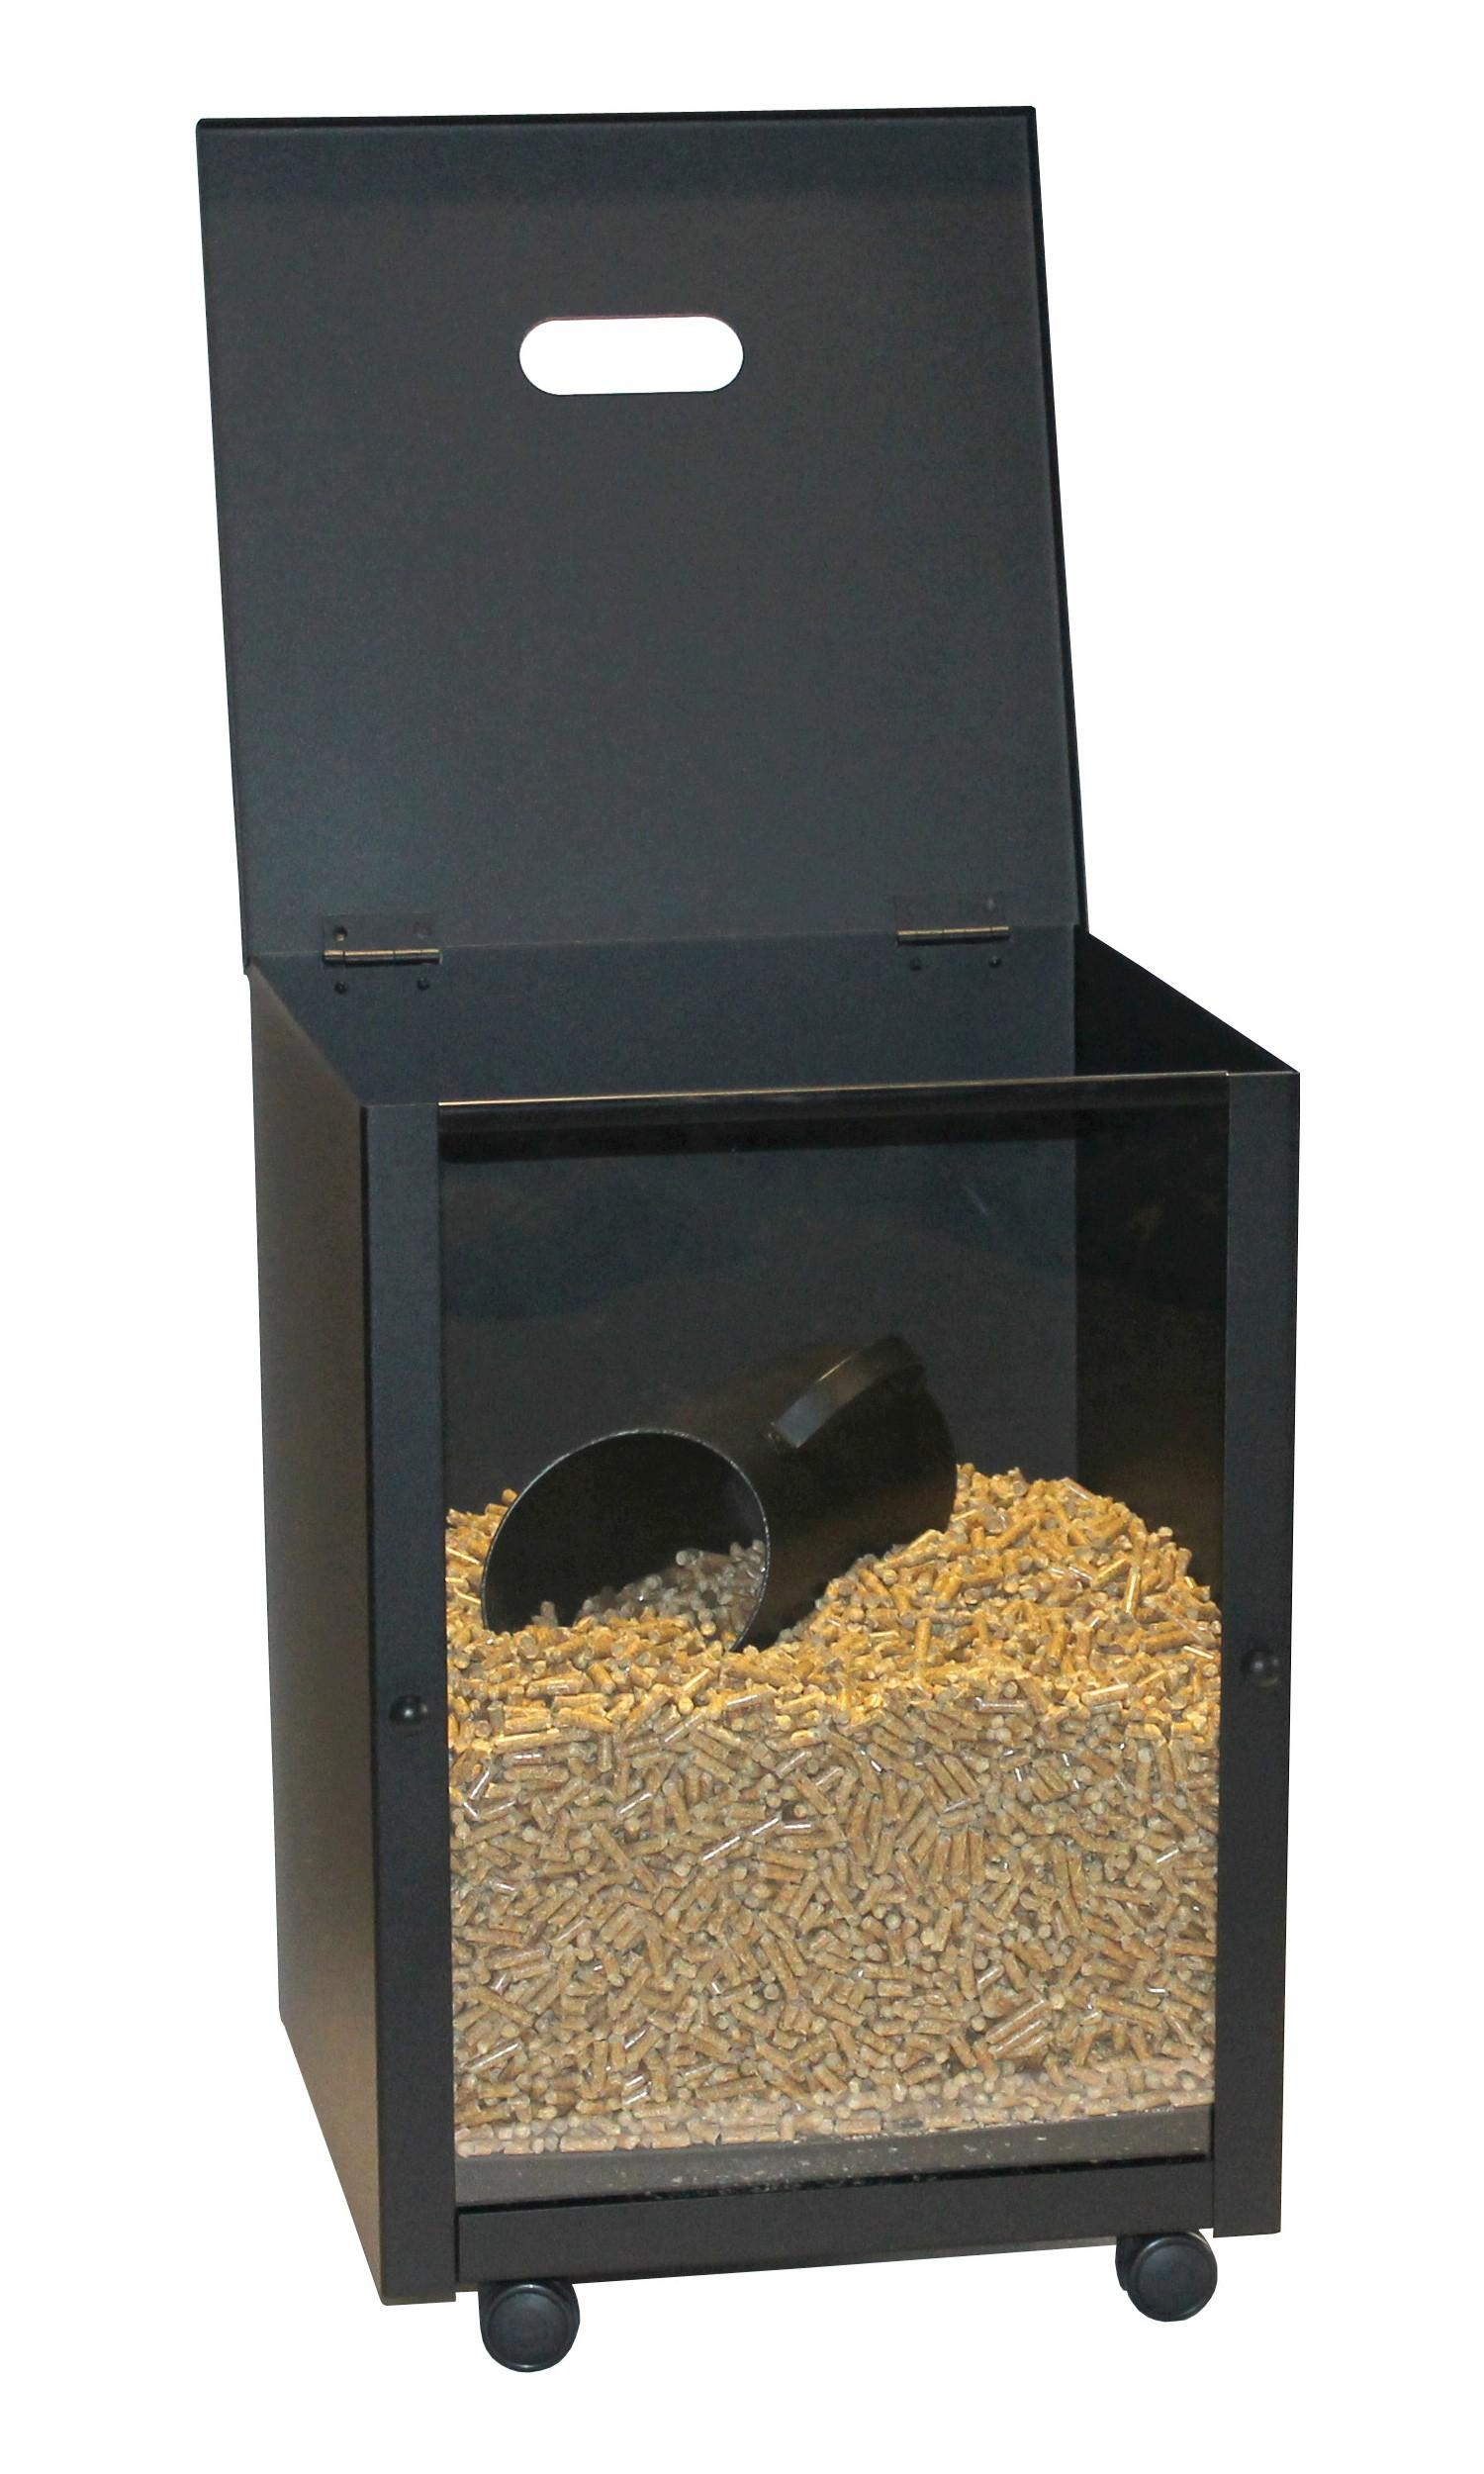 Pelletbehälter mit Deckel Lienbacher schwarz 39x39x52cm Bild 1